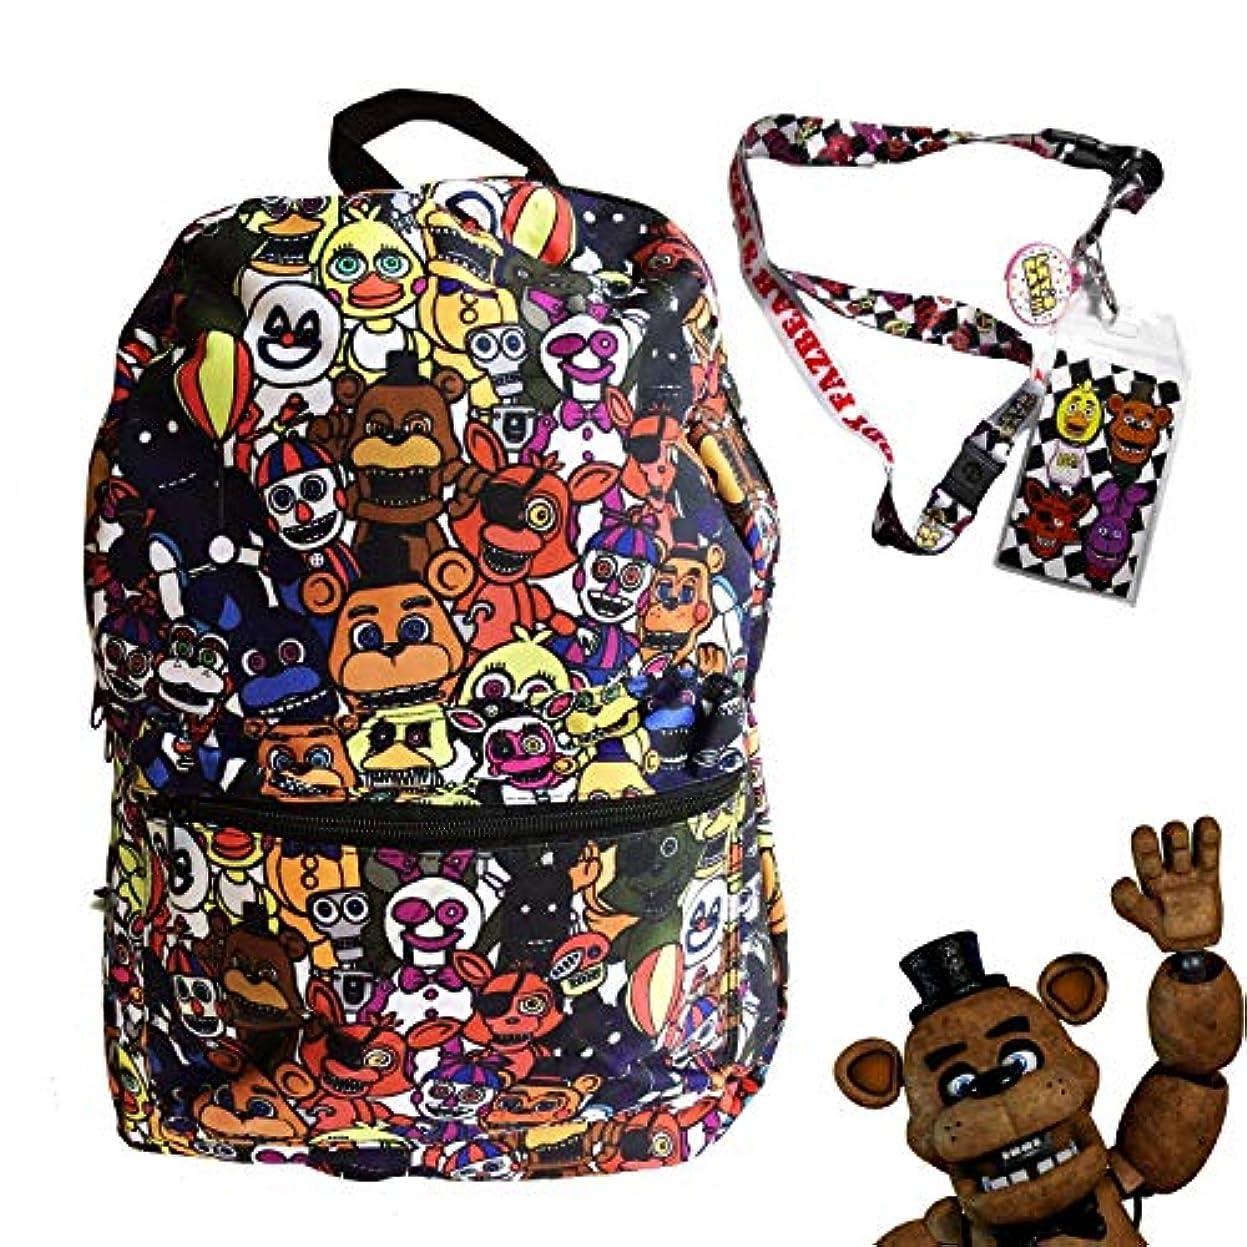 区アマチュアマーキーFNAF Five Nights at Freddy's School Backpack Luggage Bag with Lanyard (FNAF World) [並行輸入品]